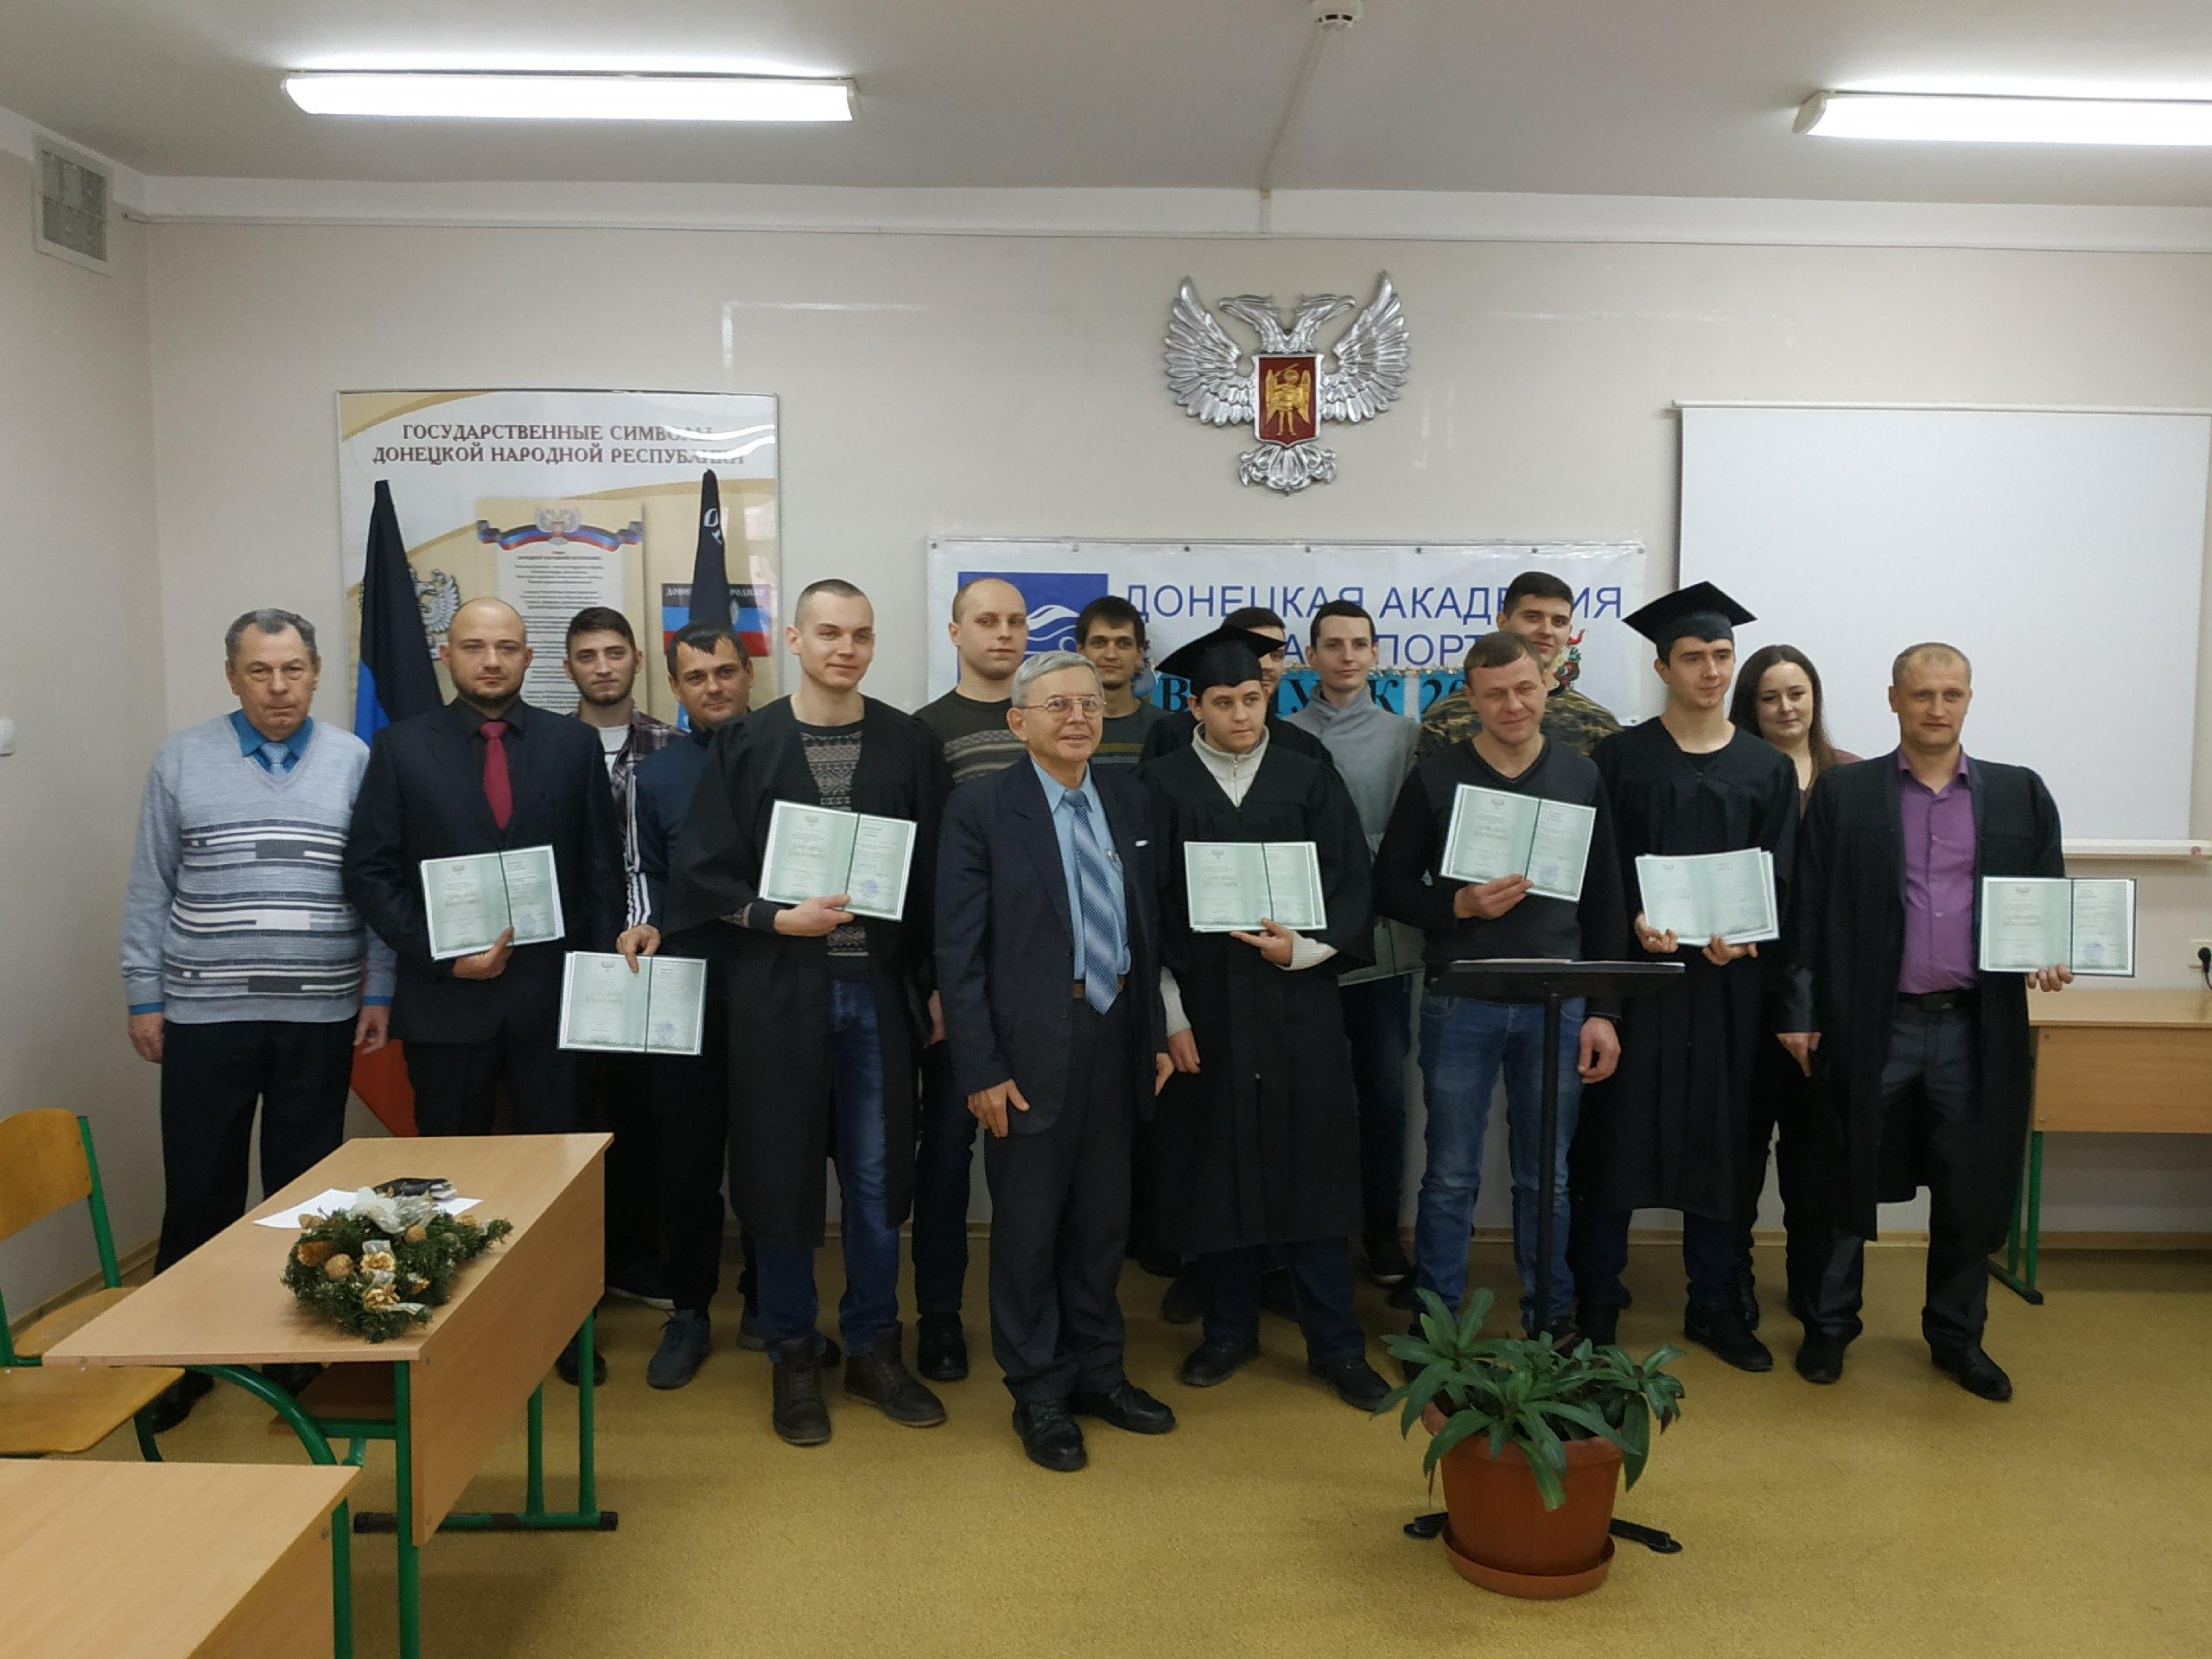 В Донецкой академии транспорта состоялась Церемония вручения дипломов бакалавров выпускникам заочного отделения